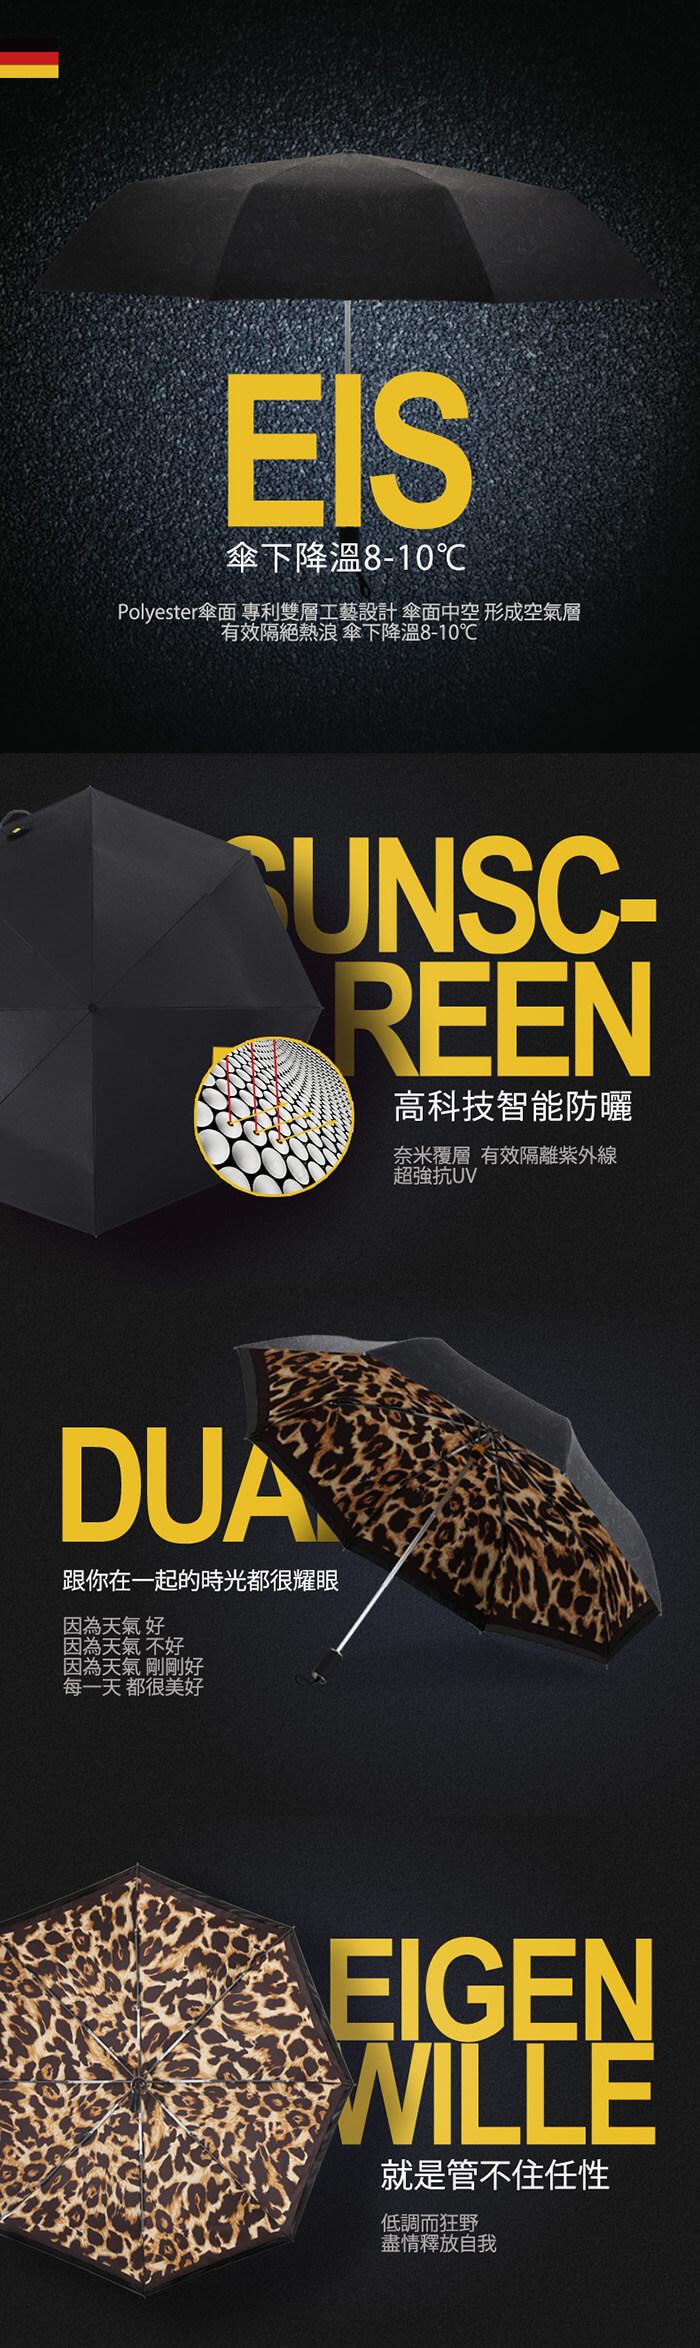 (複製)德國kobold|抗UV零透光智能防曬-經典豹紋遮陽防曬降溫傘 -雙層三折傘-白